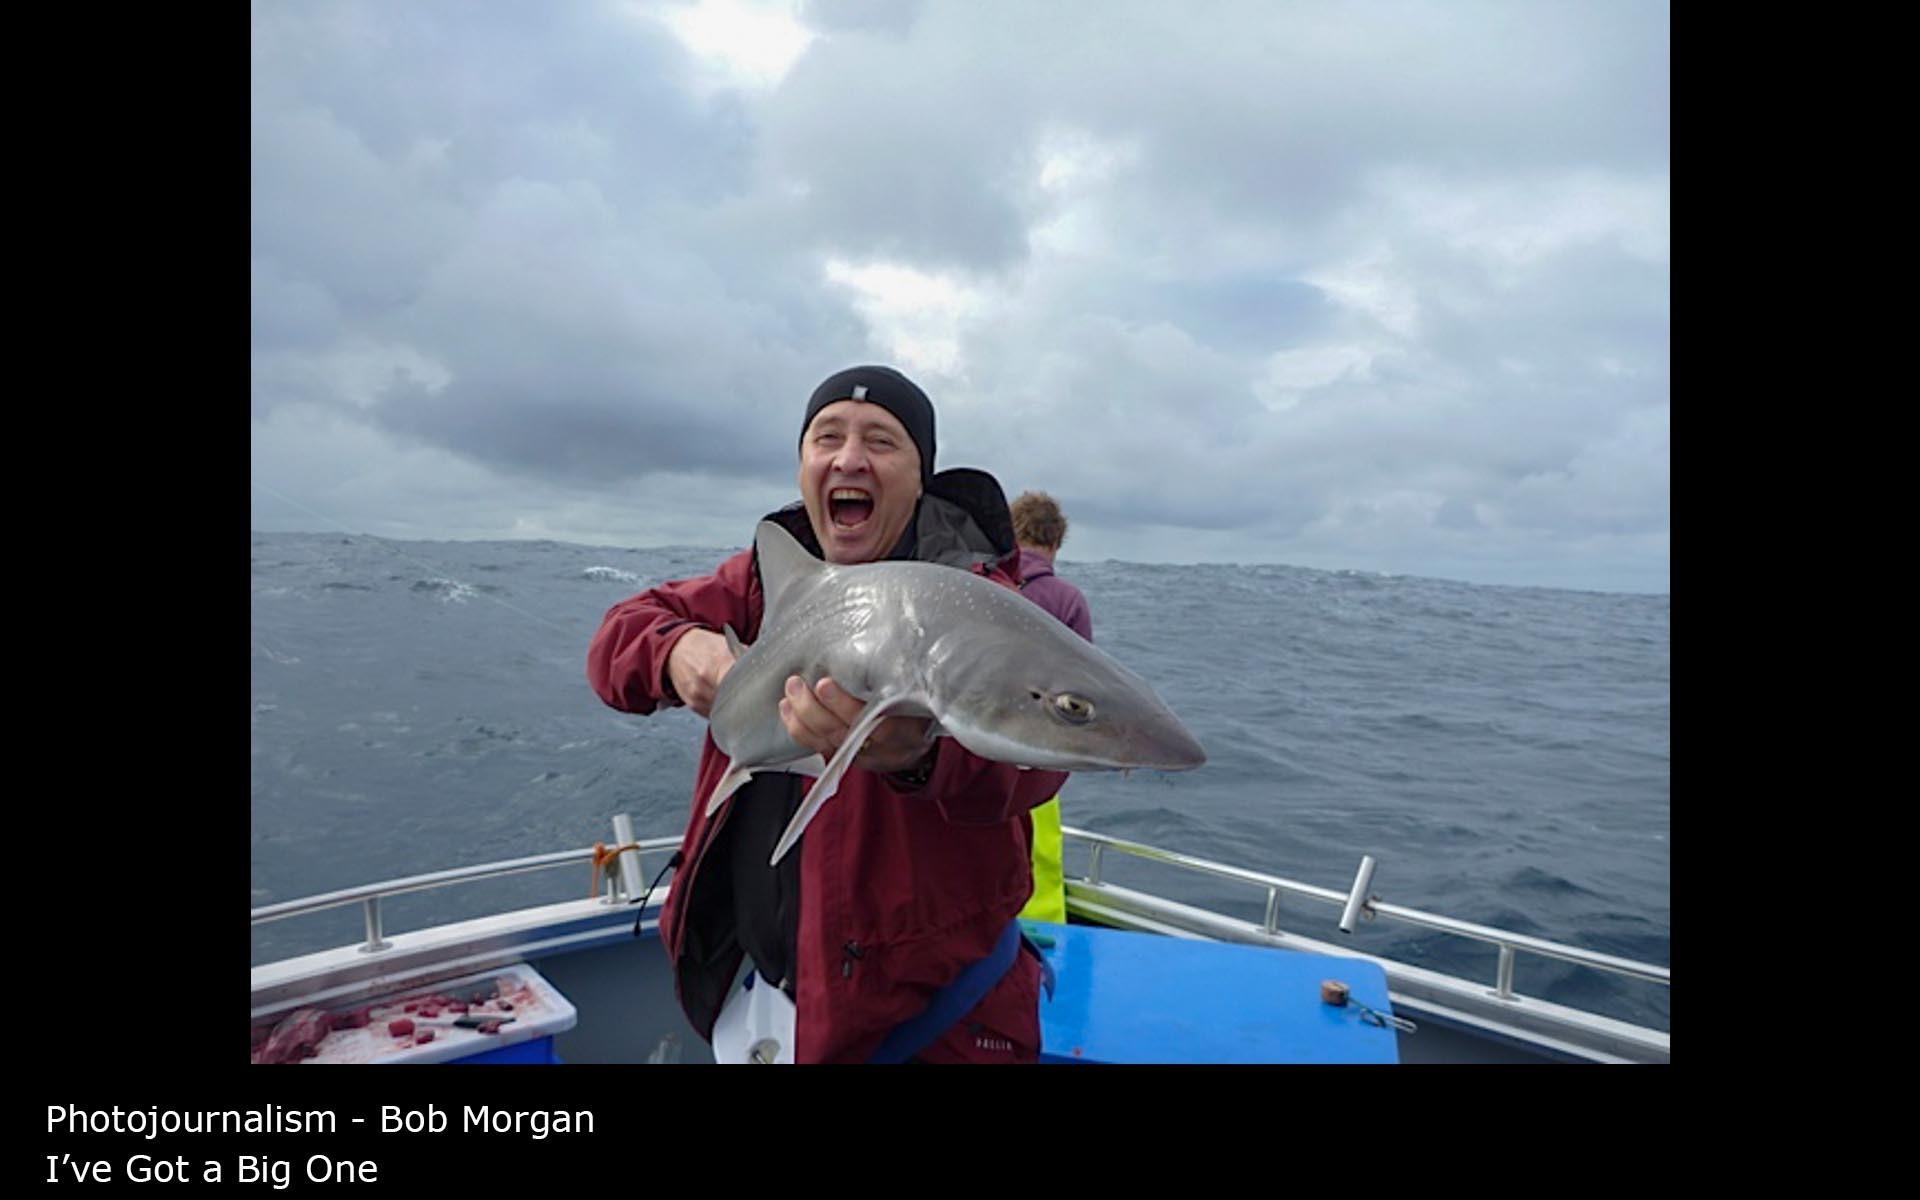 I've Got a Big One - Bob Morgan